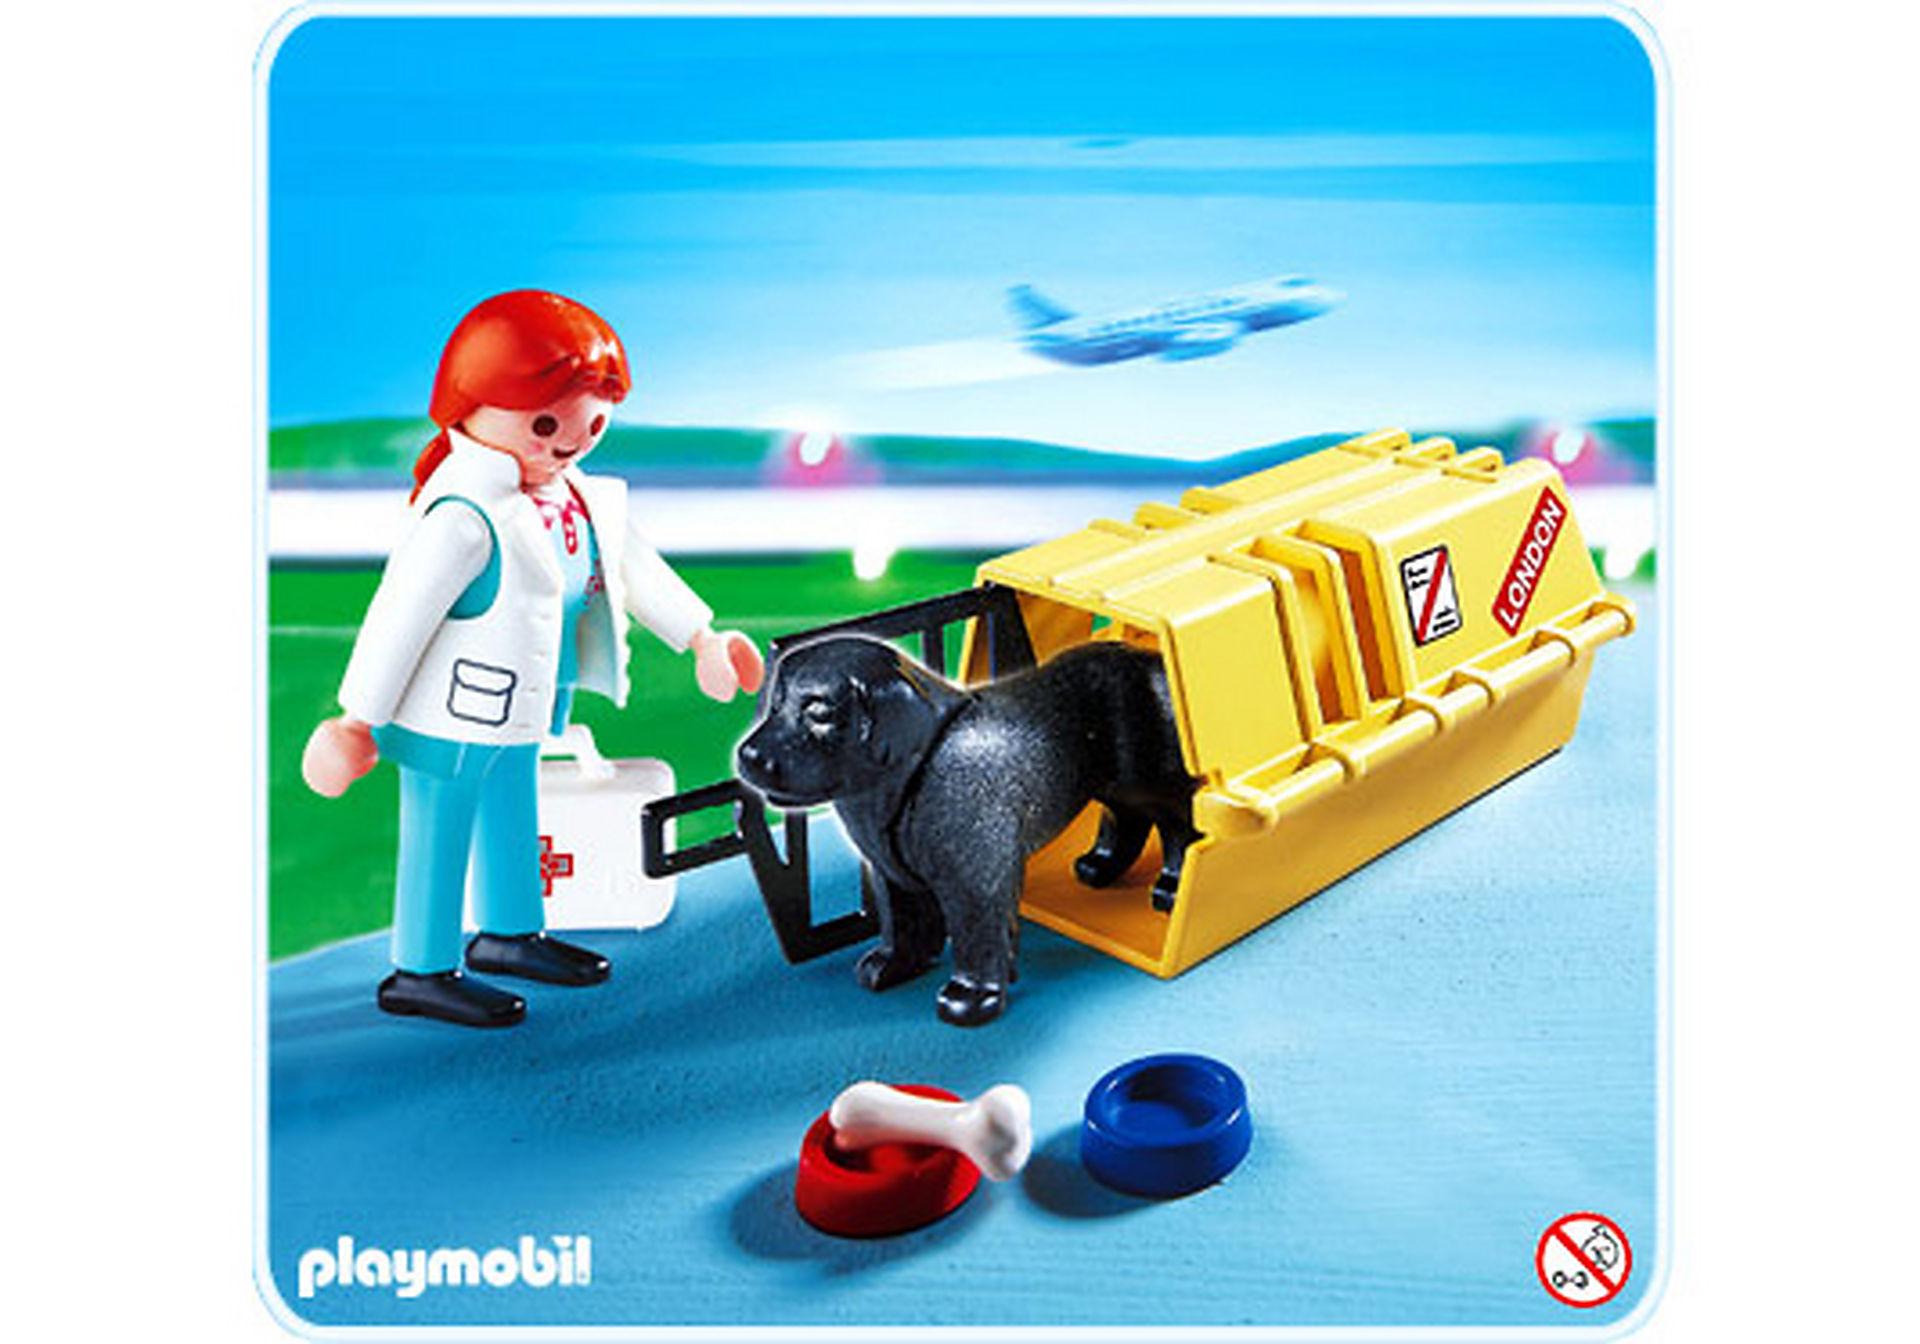 http://media.playmobil.com/i/playmobil/4317-A_product_detail/Tierärztin mit Hund und Flugbox